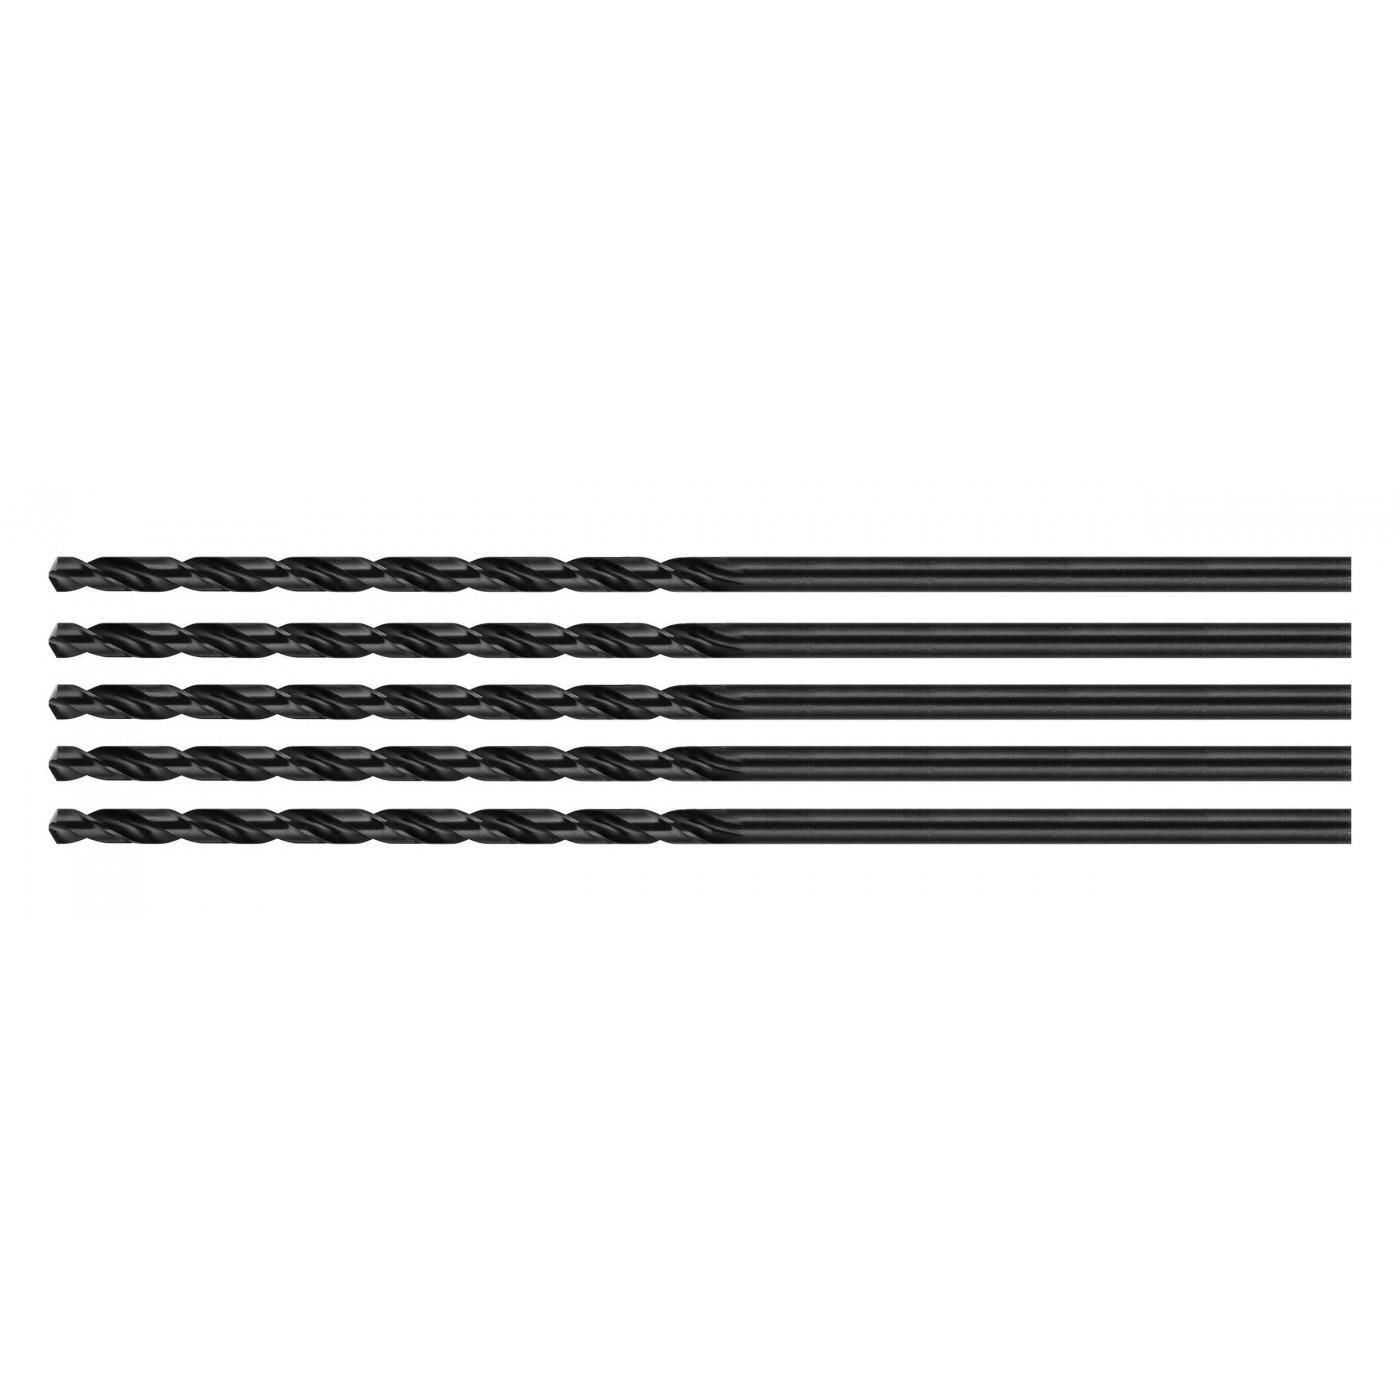 Set van 5 metaalboren, extra lang (5.0x300 mm)  - 1